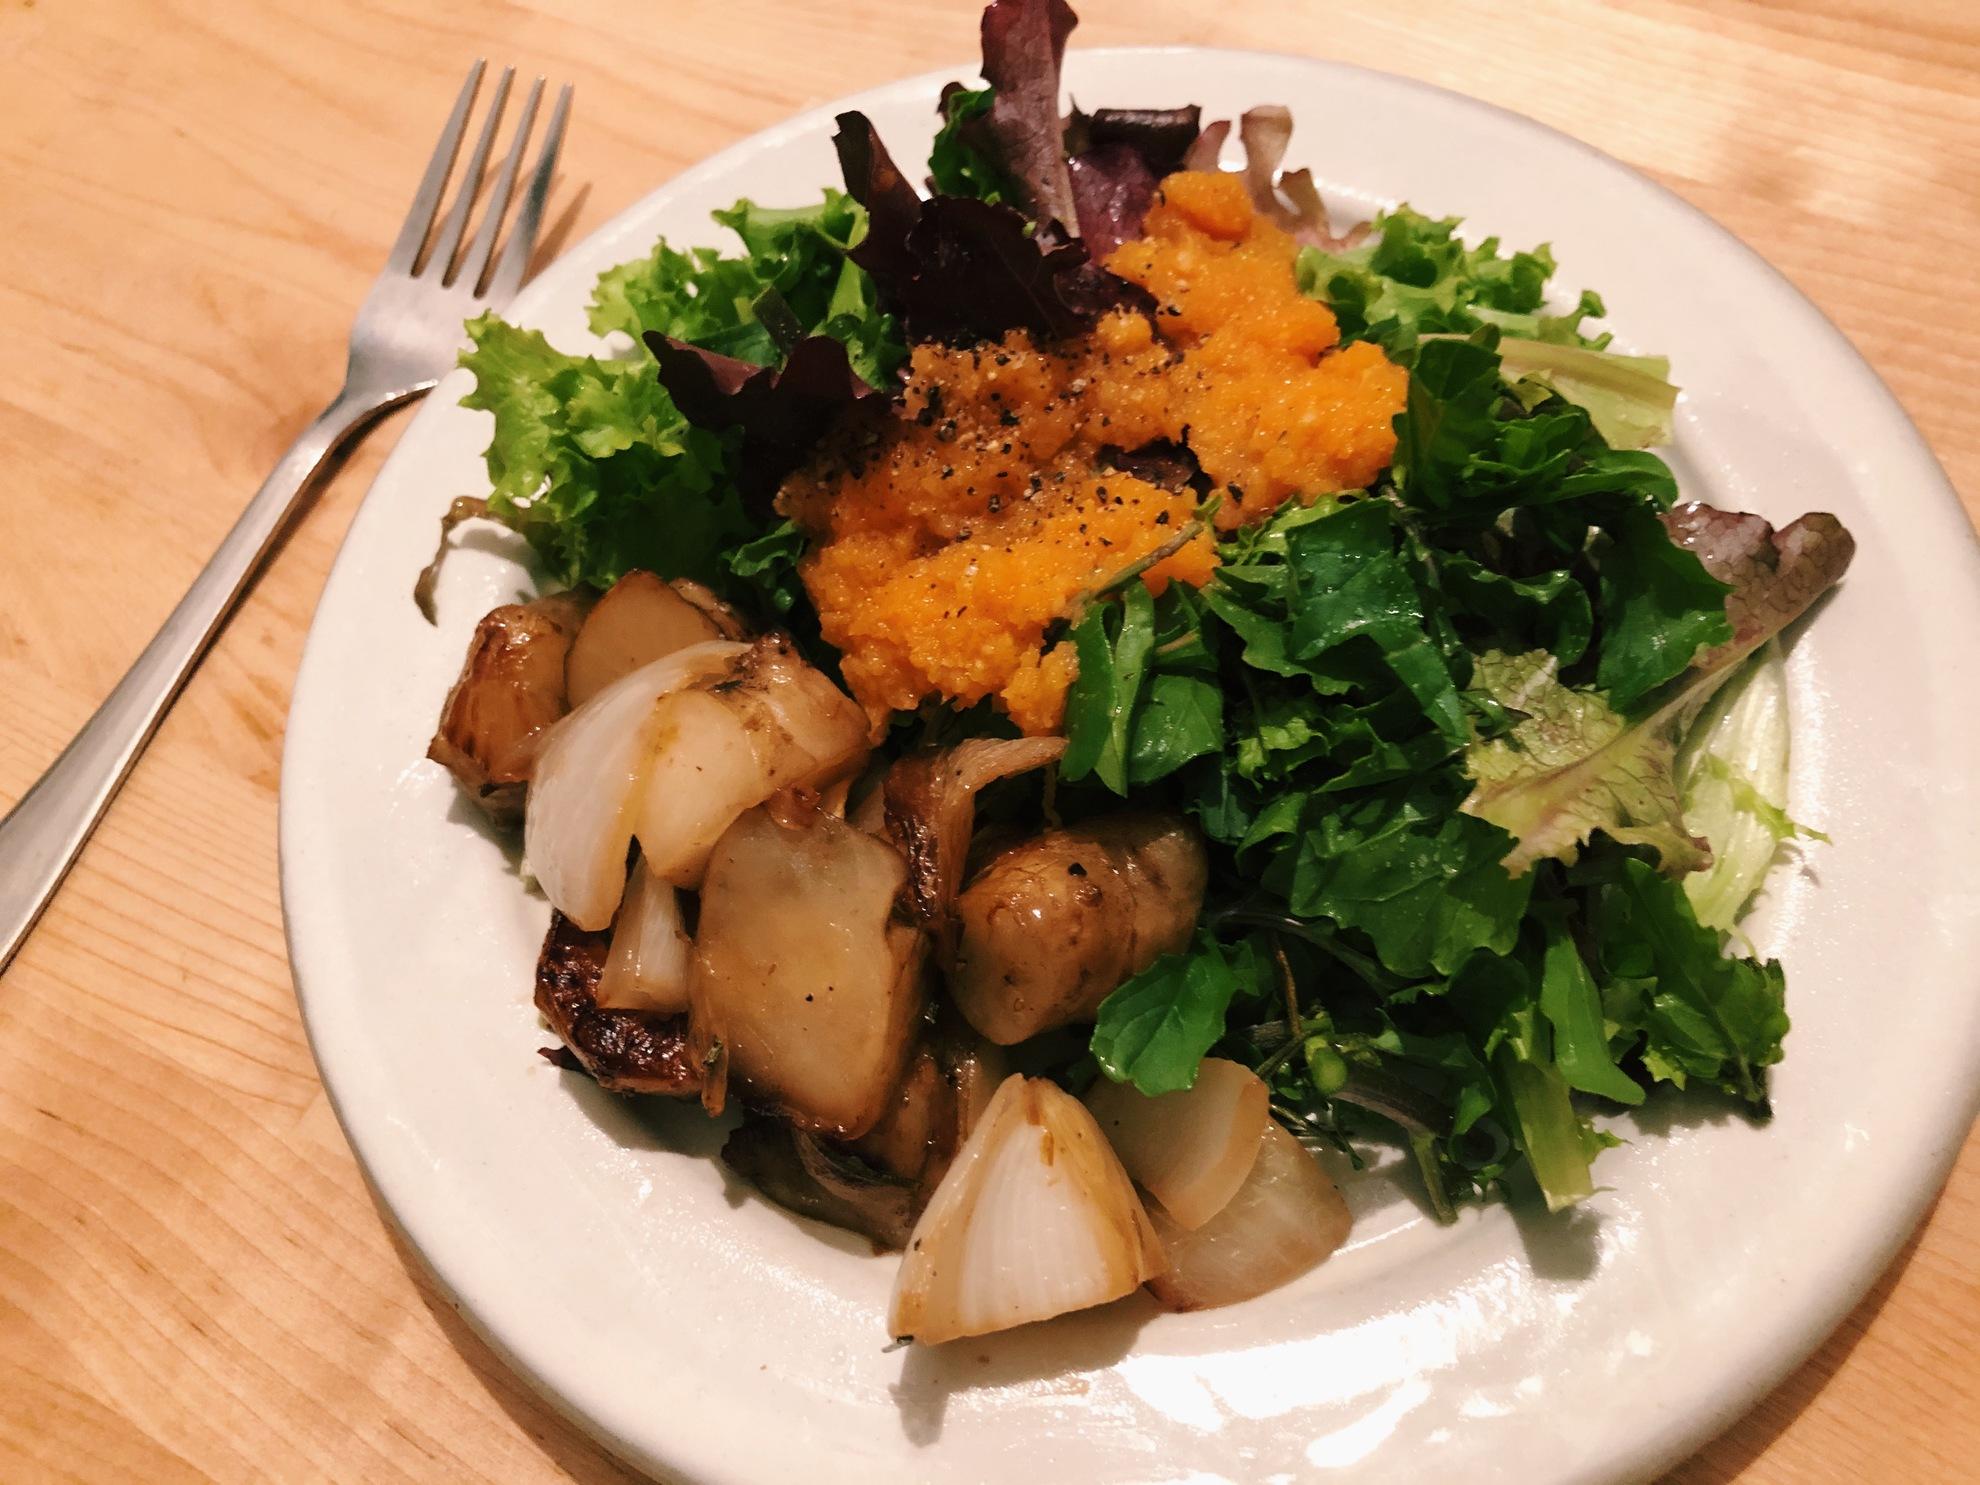 野菜中心の健康食であなたの食生活を豊かに。